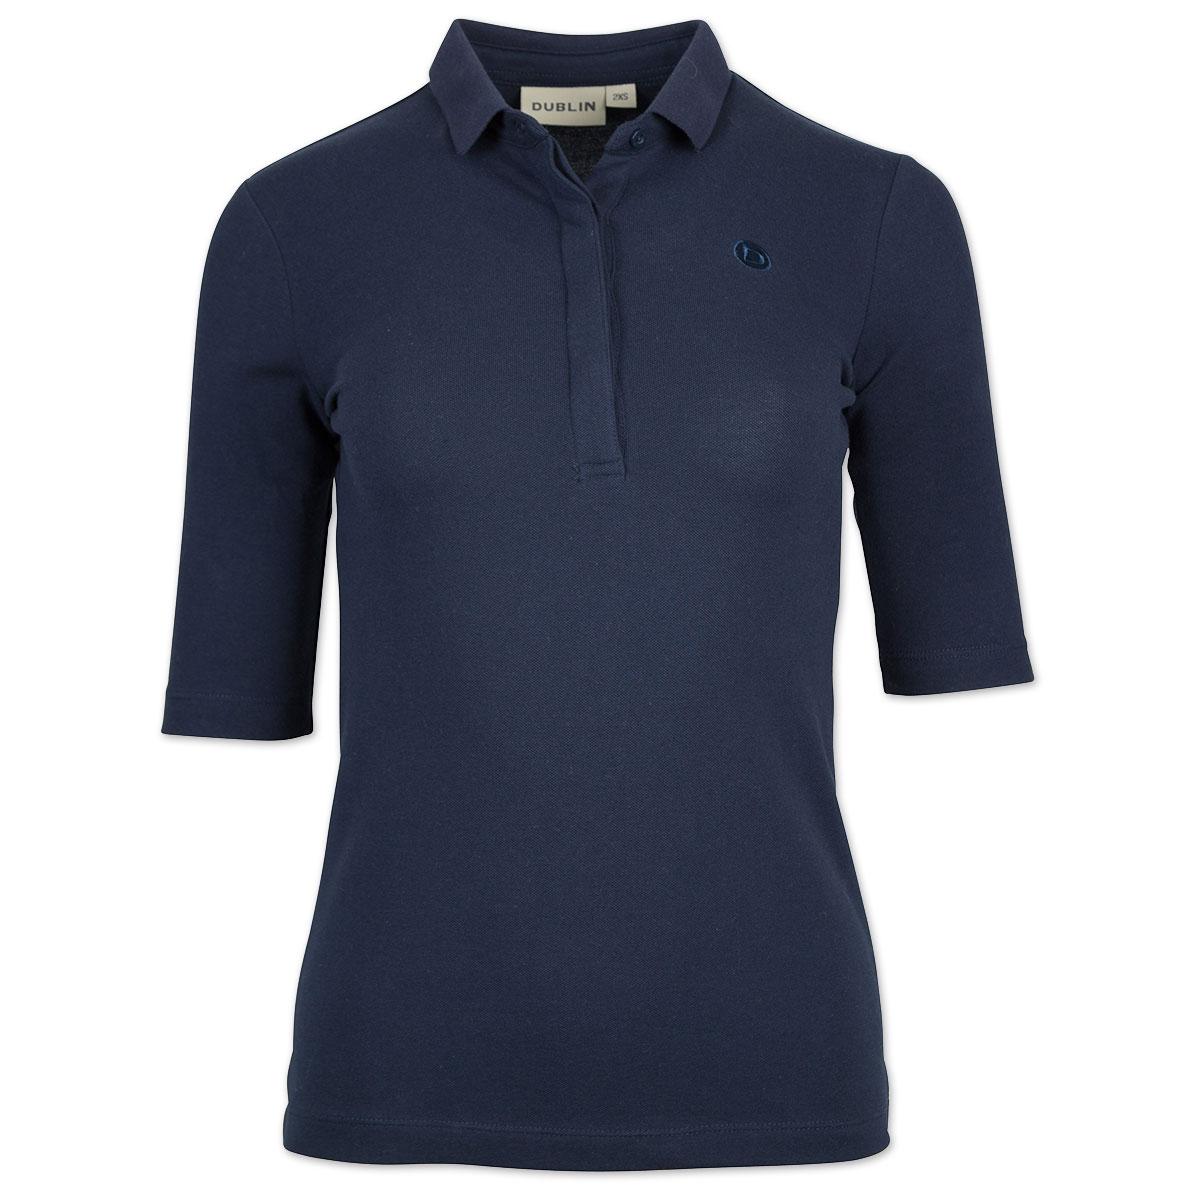 Dublin Lennox 3/4 Sleeve Polo